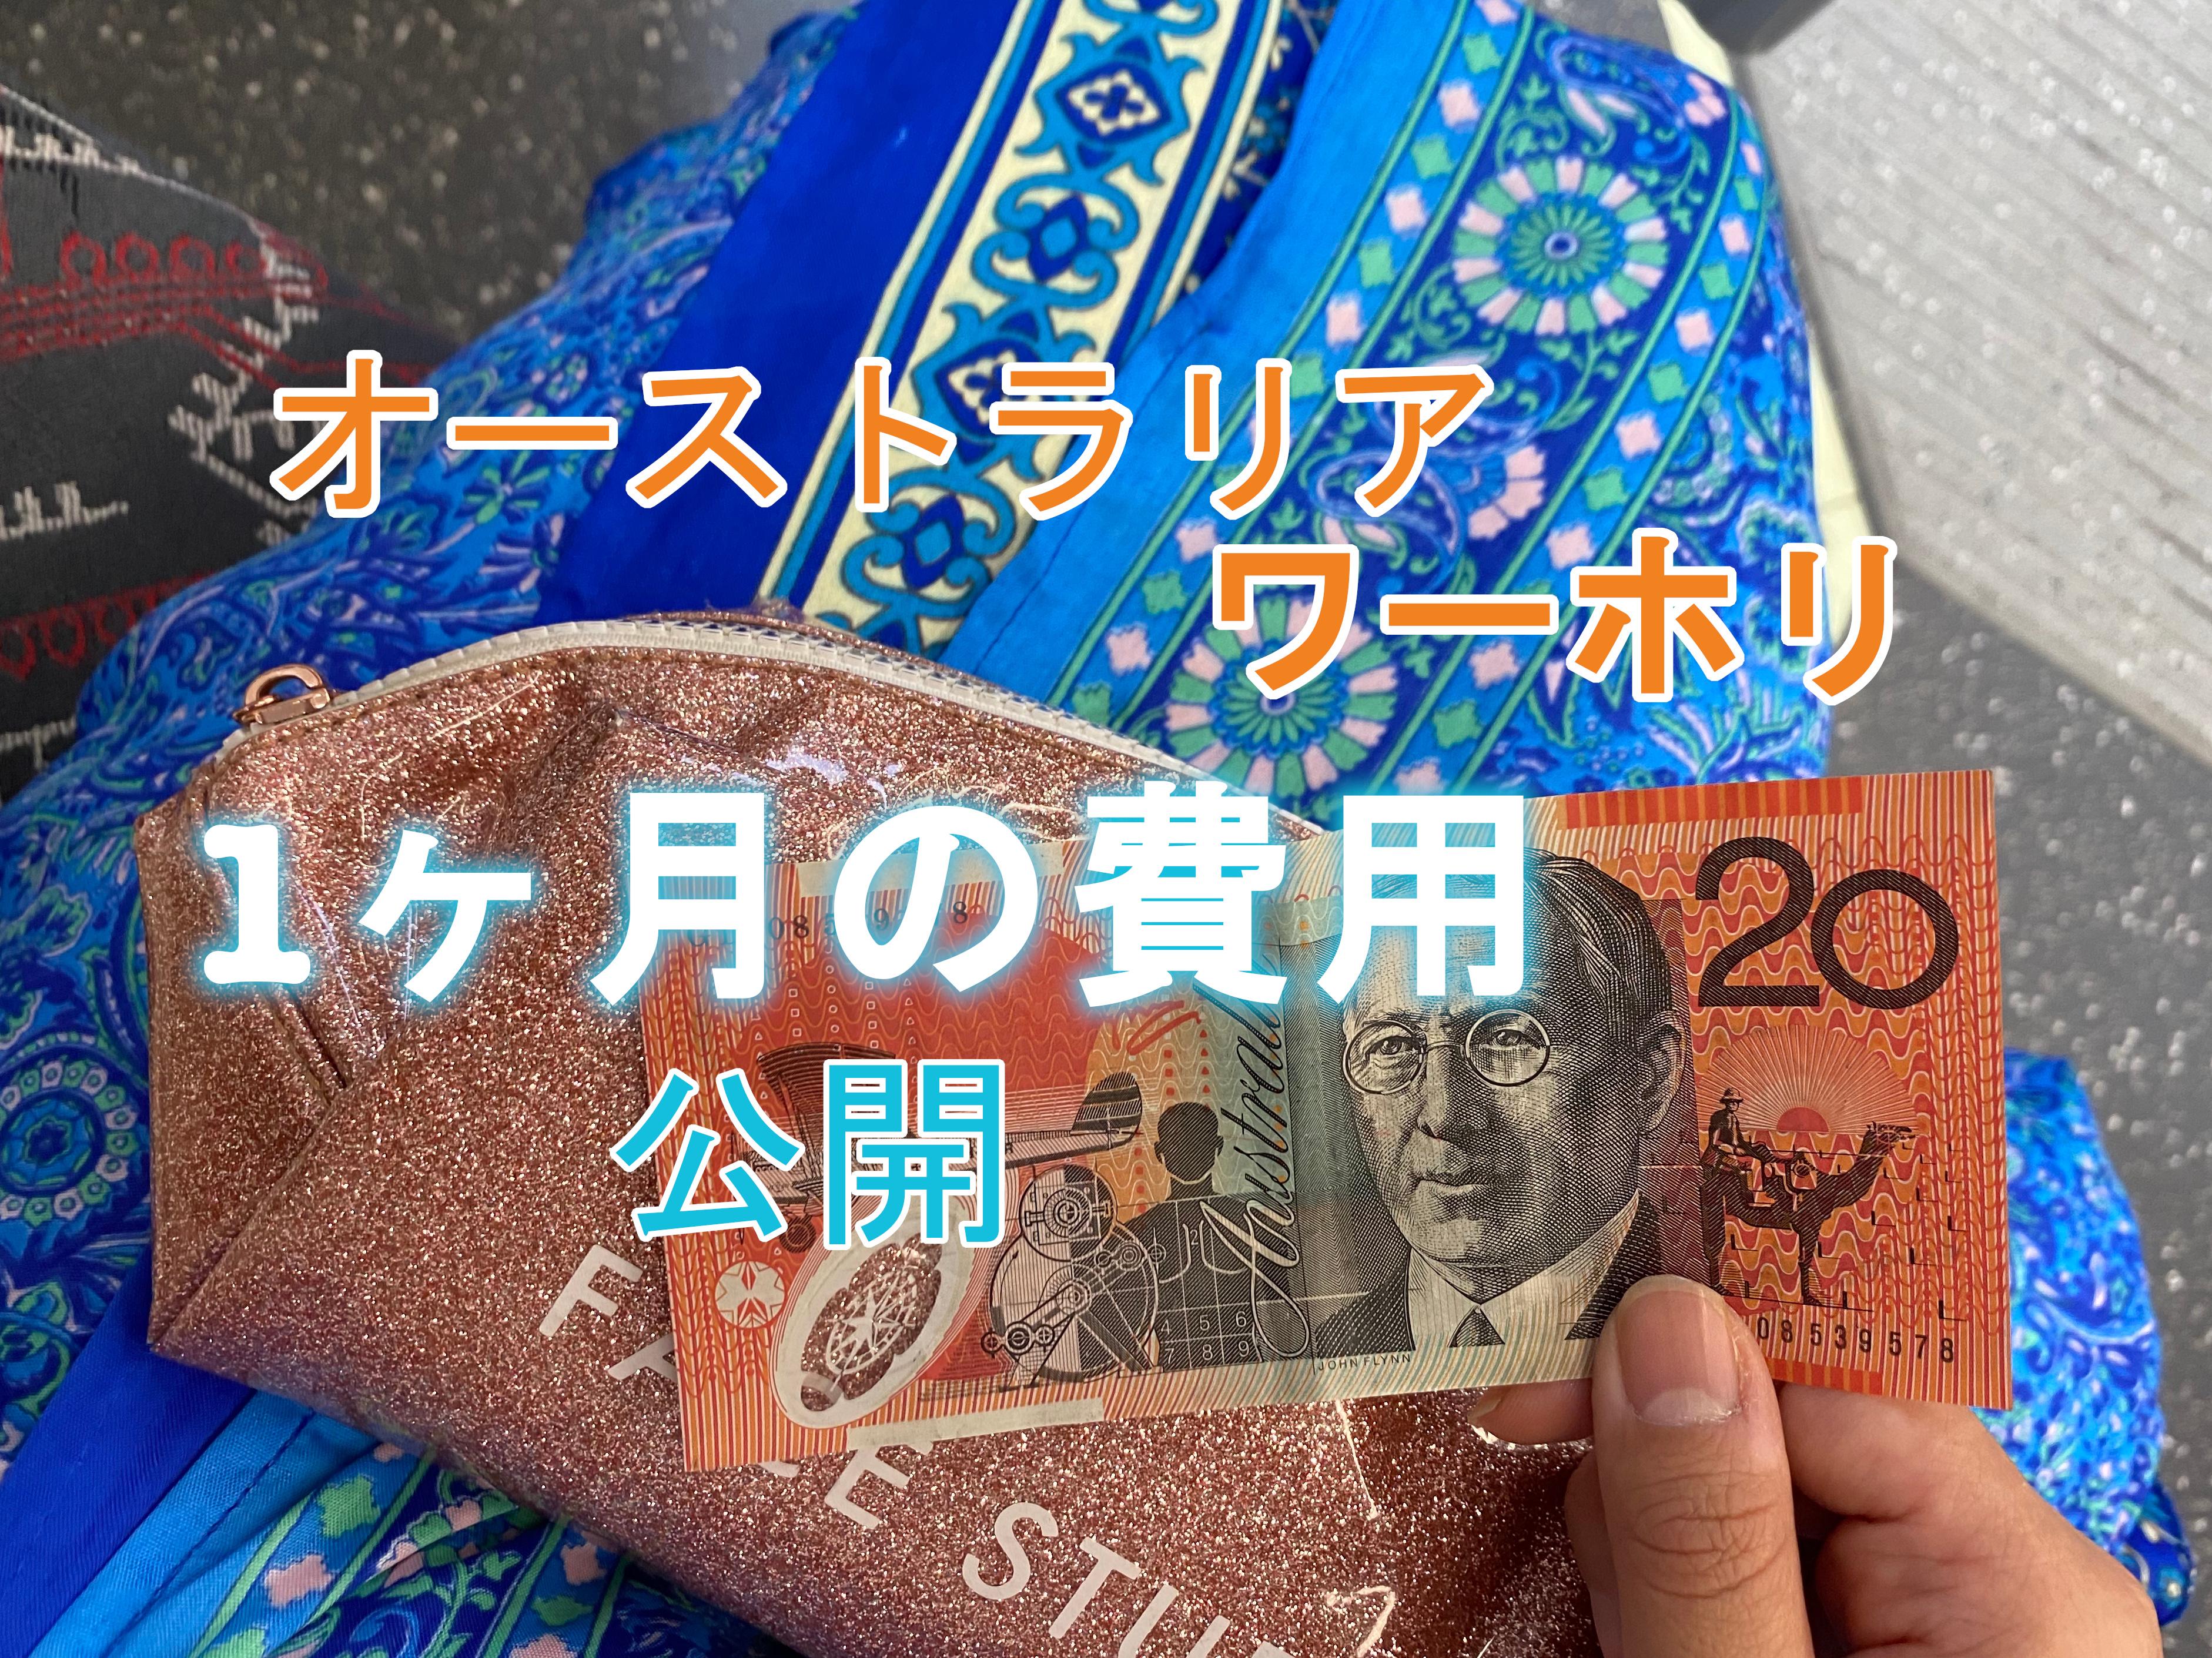 オーストラリアワーホリ1ヶ月の費用と内訳を公開!